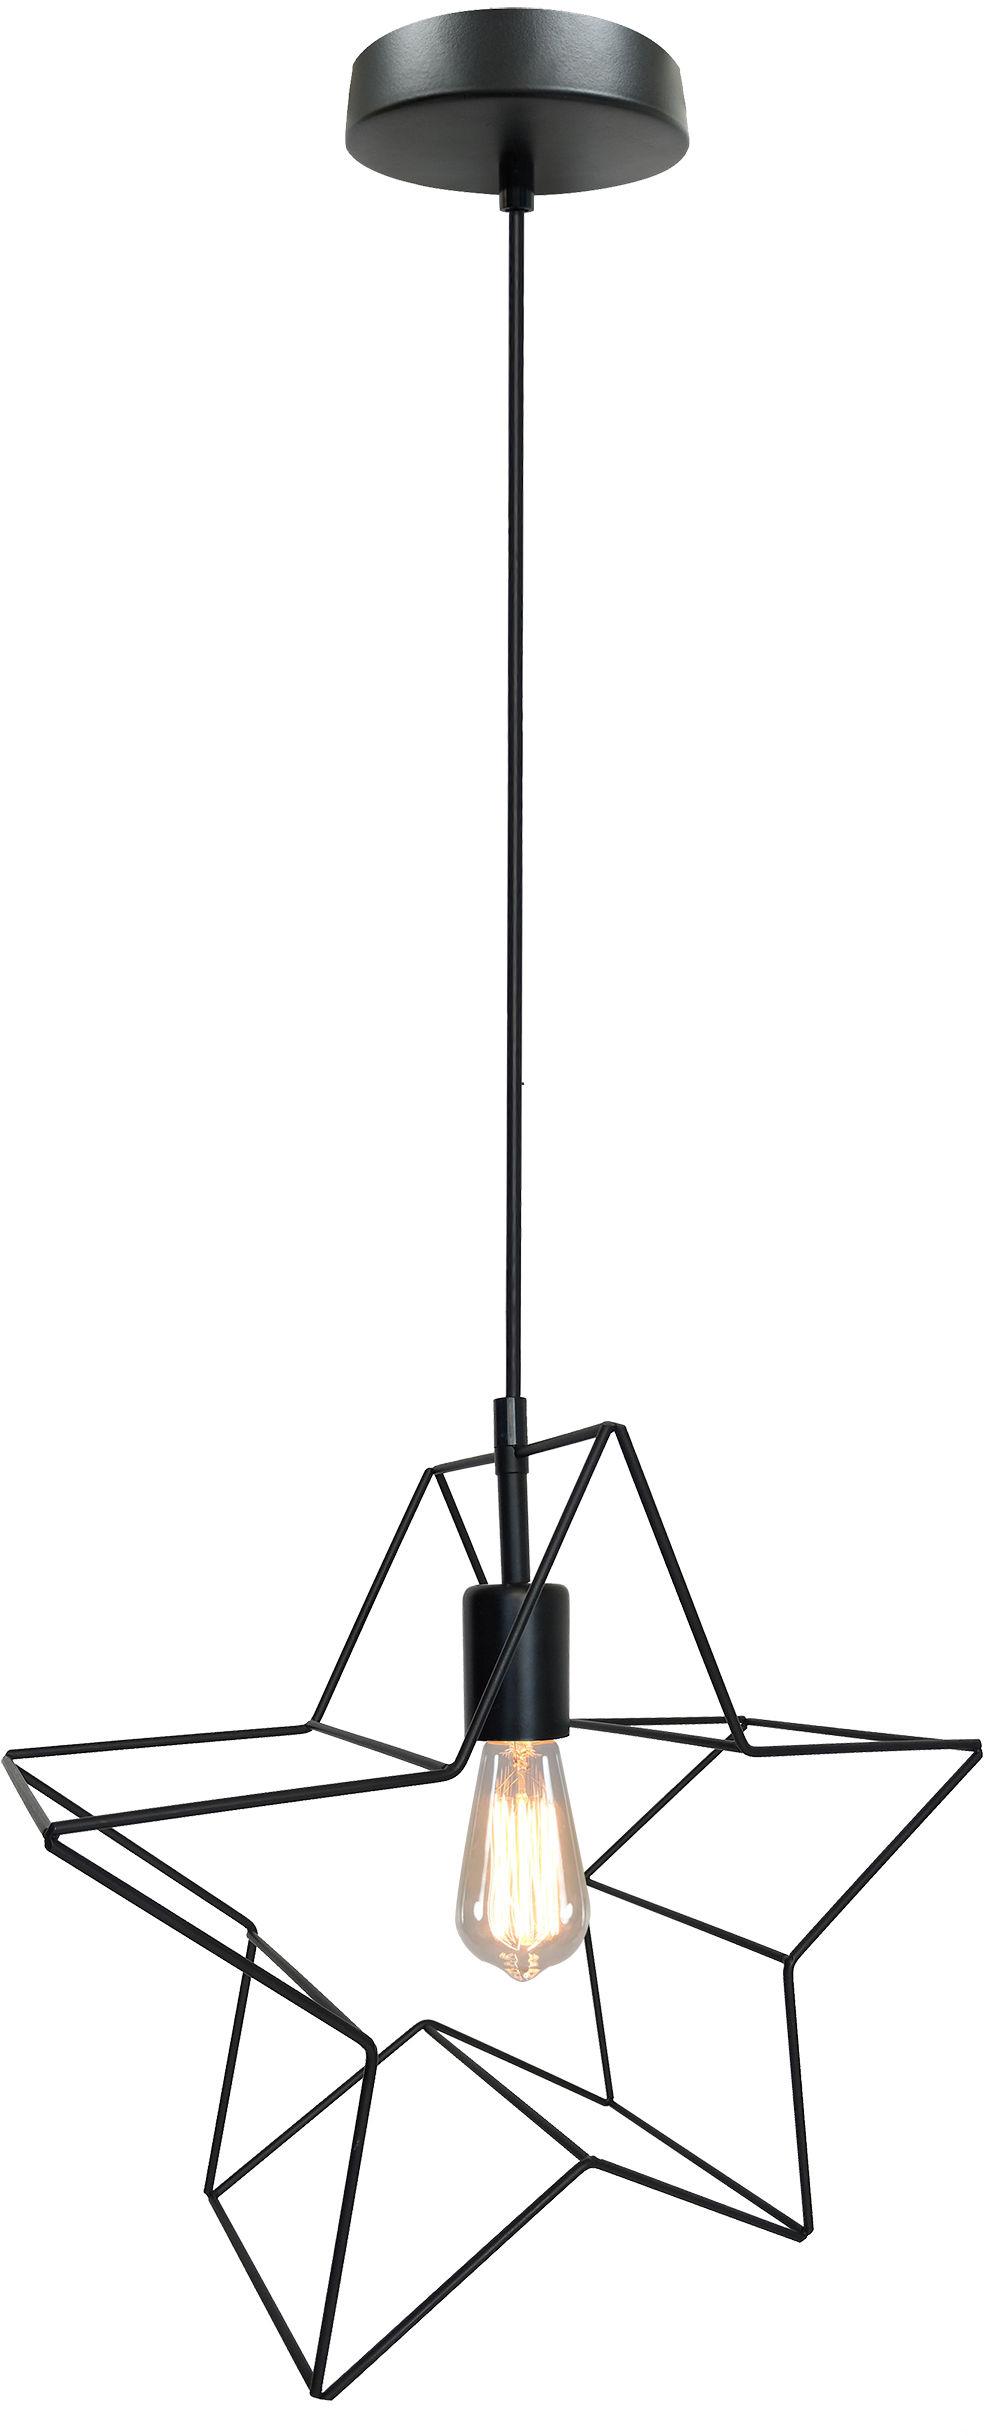 Candellux GWIAZDKA 31-64080 lampa wisząca 1X60W E27 koszyczek metalowy czarny 37 cm